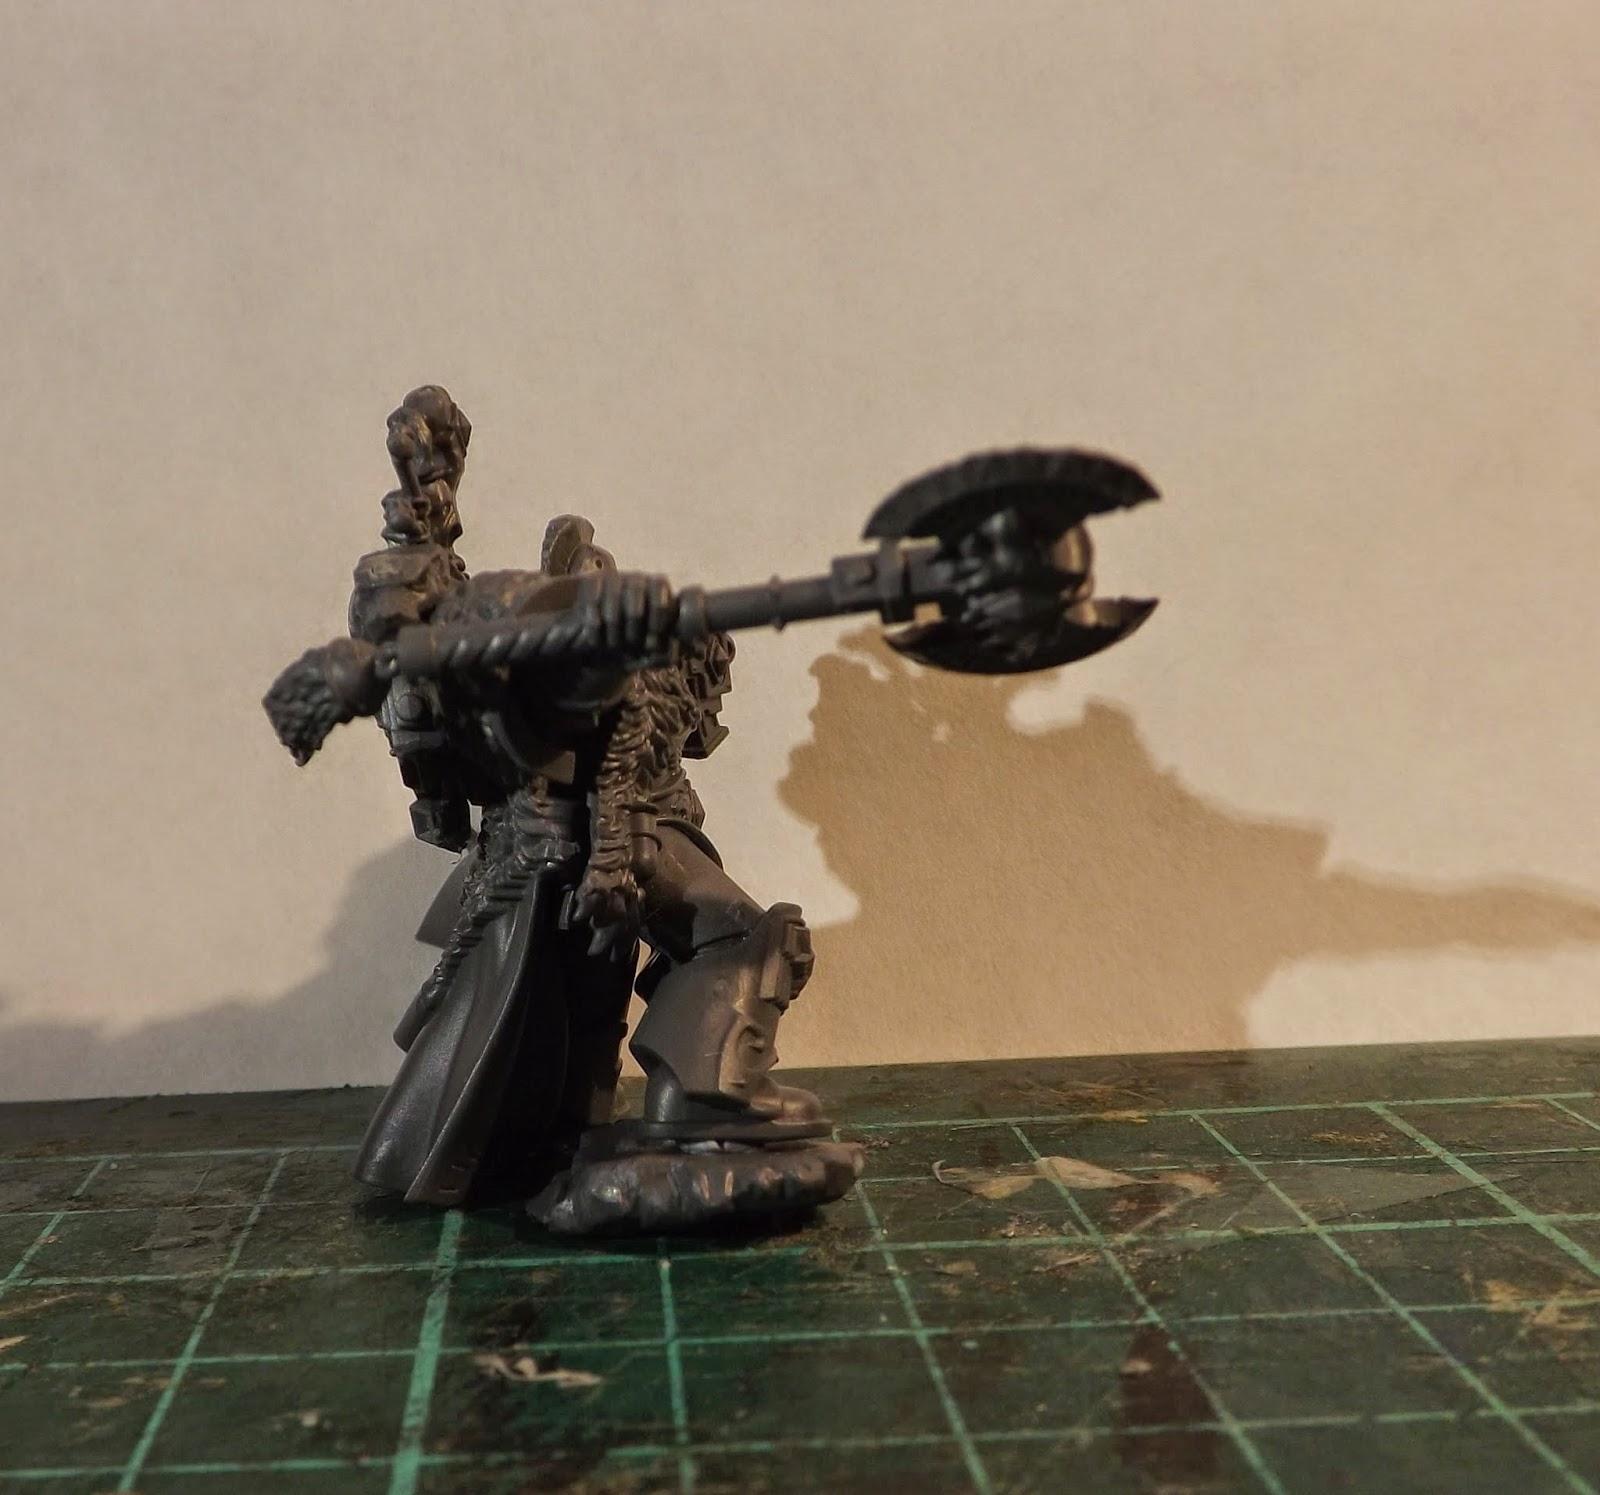 Limited Edition Warhammer Models: Warhammer 40k Army Box